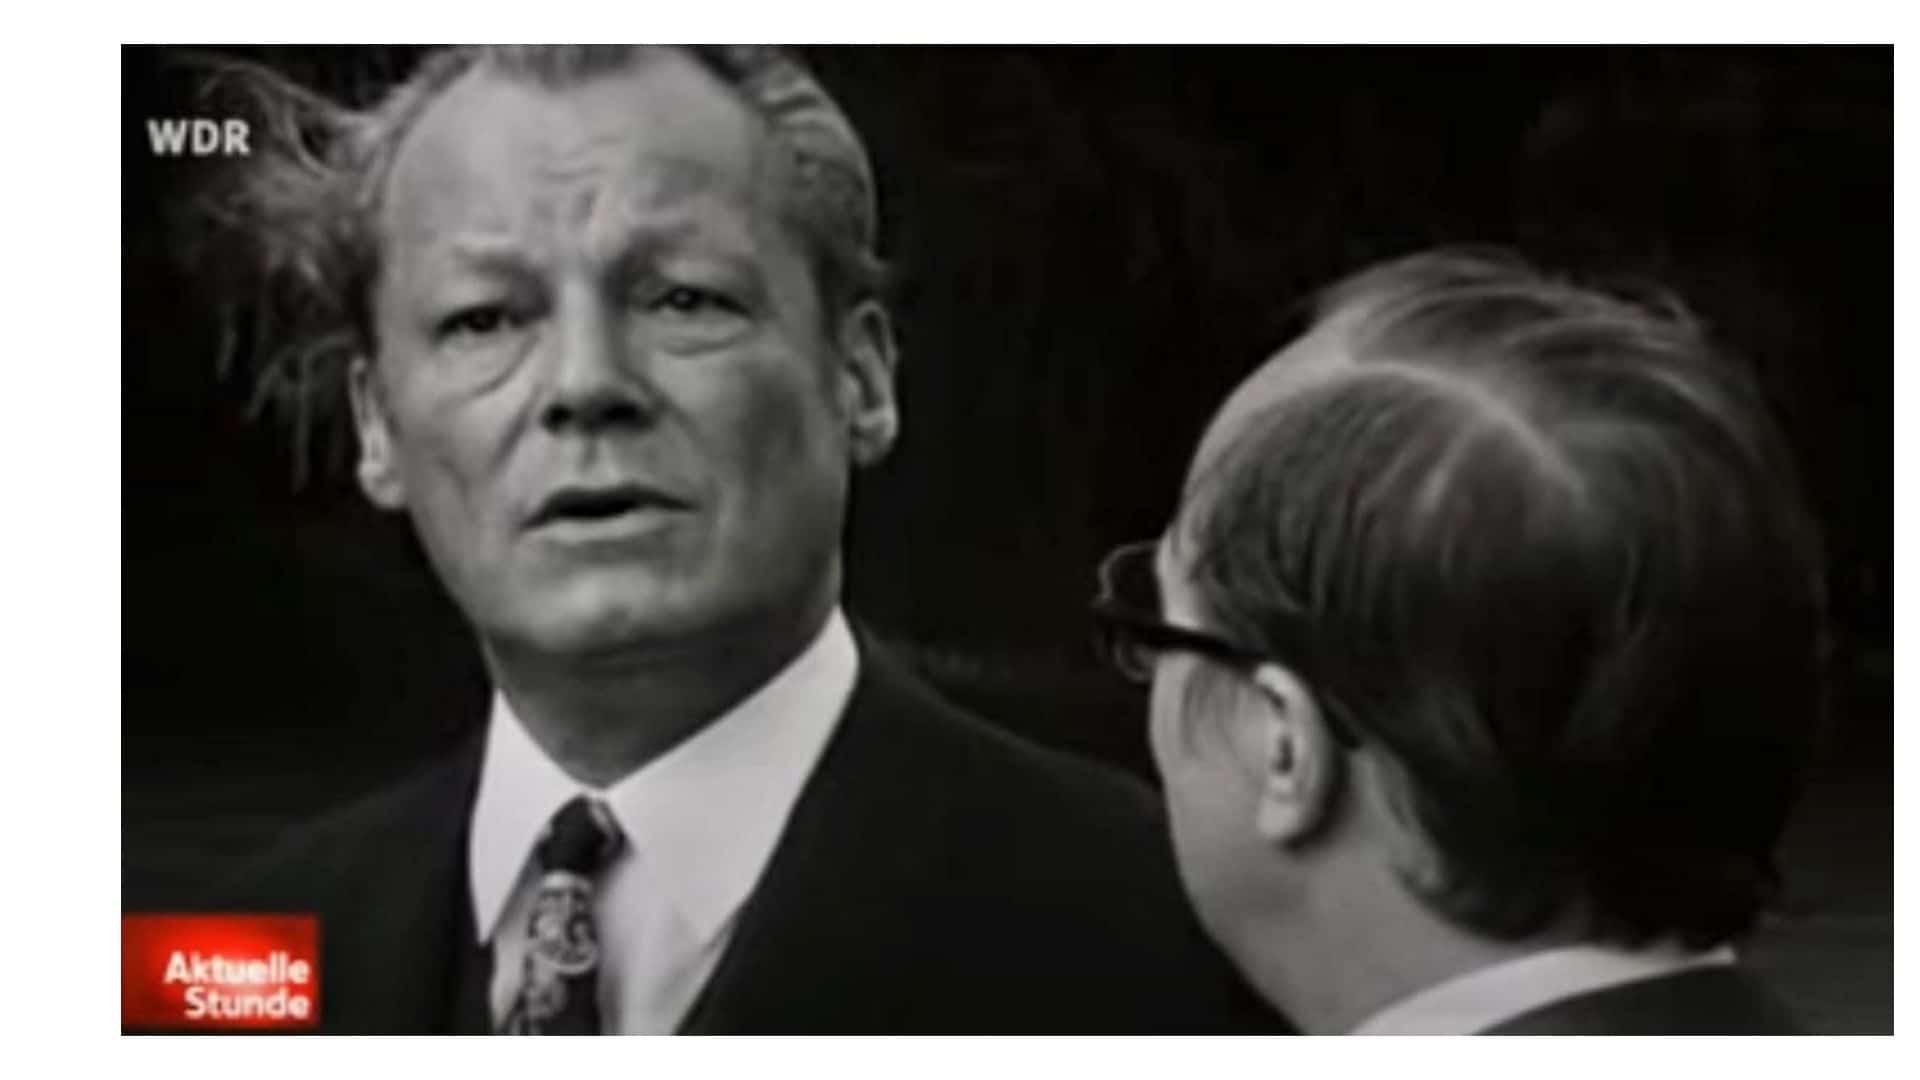 Beim Austausch mit WDR-Journalist Friedrich Nowottny im Jahr 1972 fallen die Interviewantworten von SPD-Kanzler Willy Brandt maximal einsilbig aus.